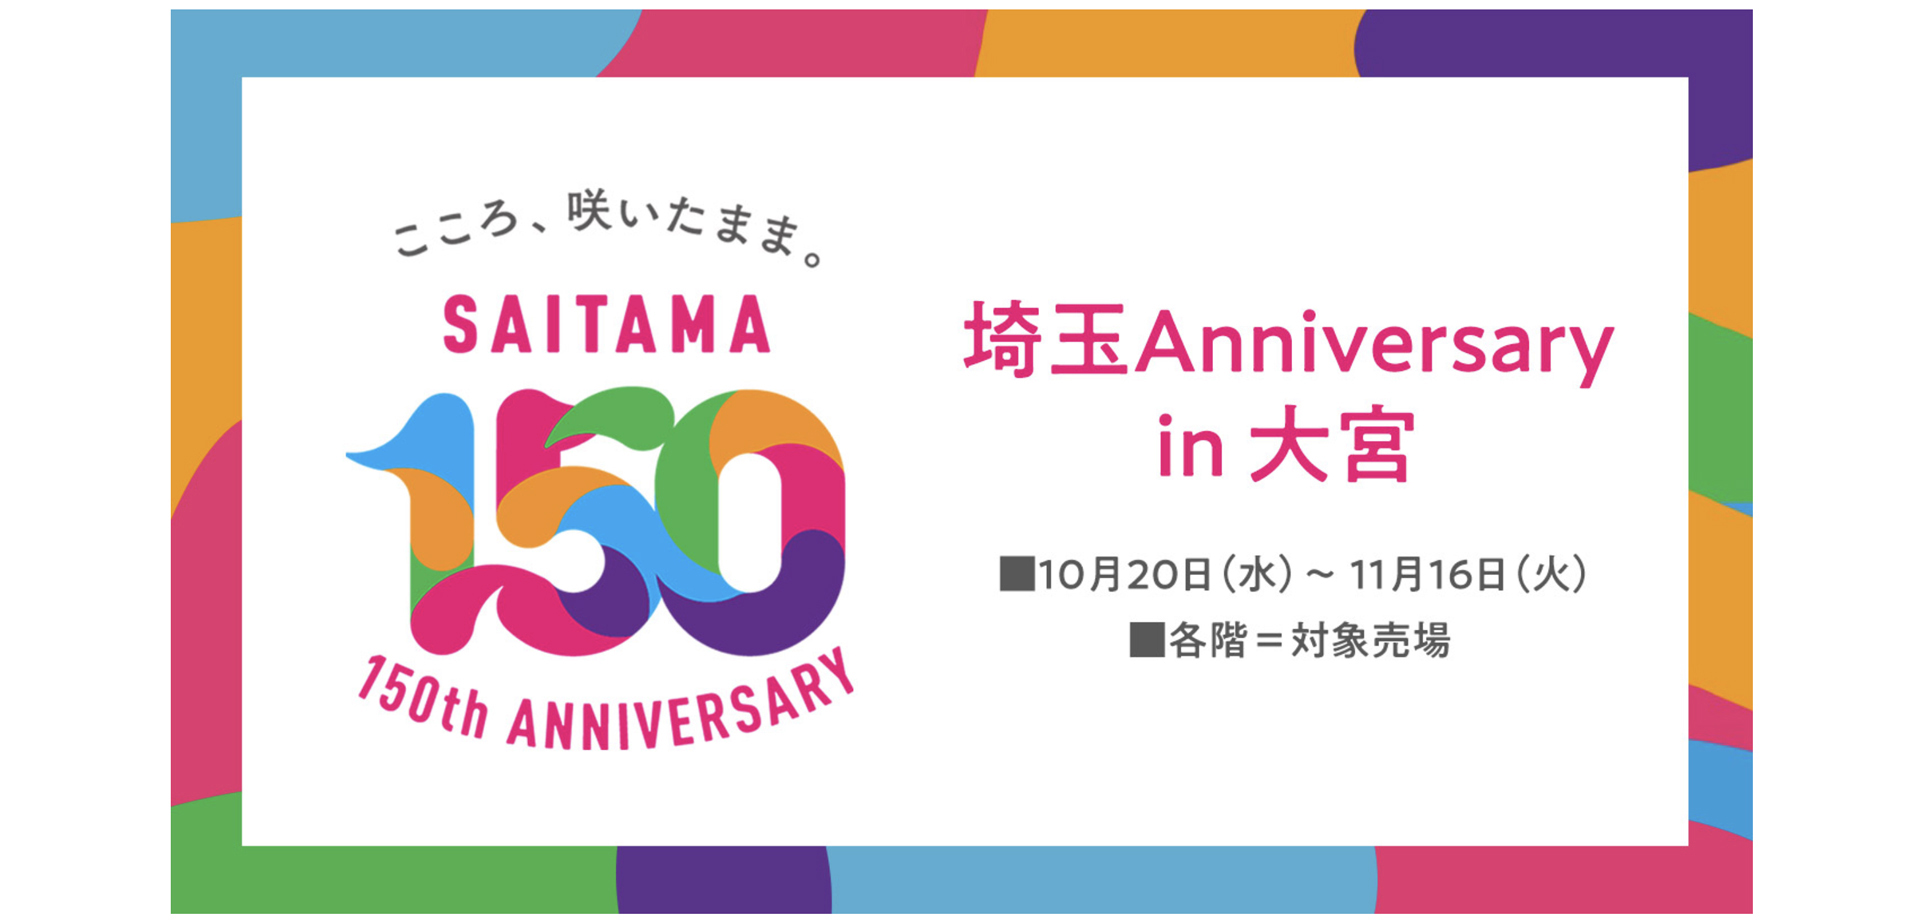 埼玉150周年「埼玉Anniversary in 大宮」